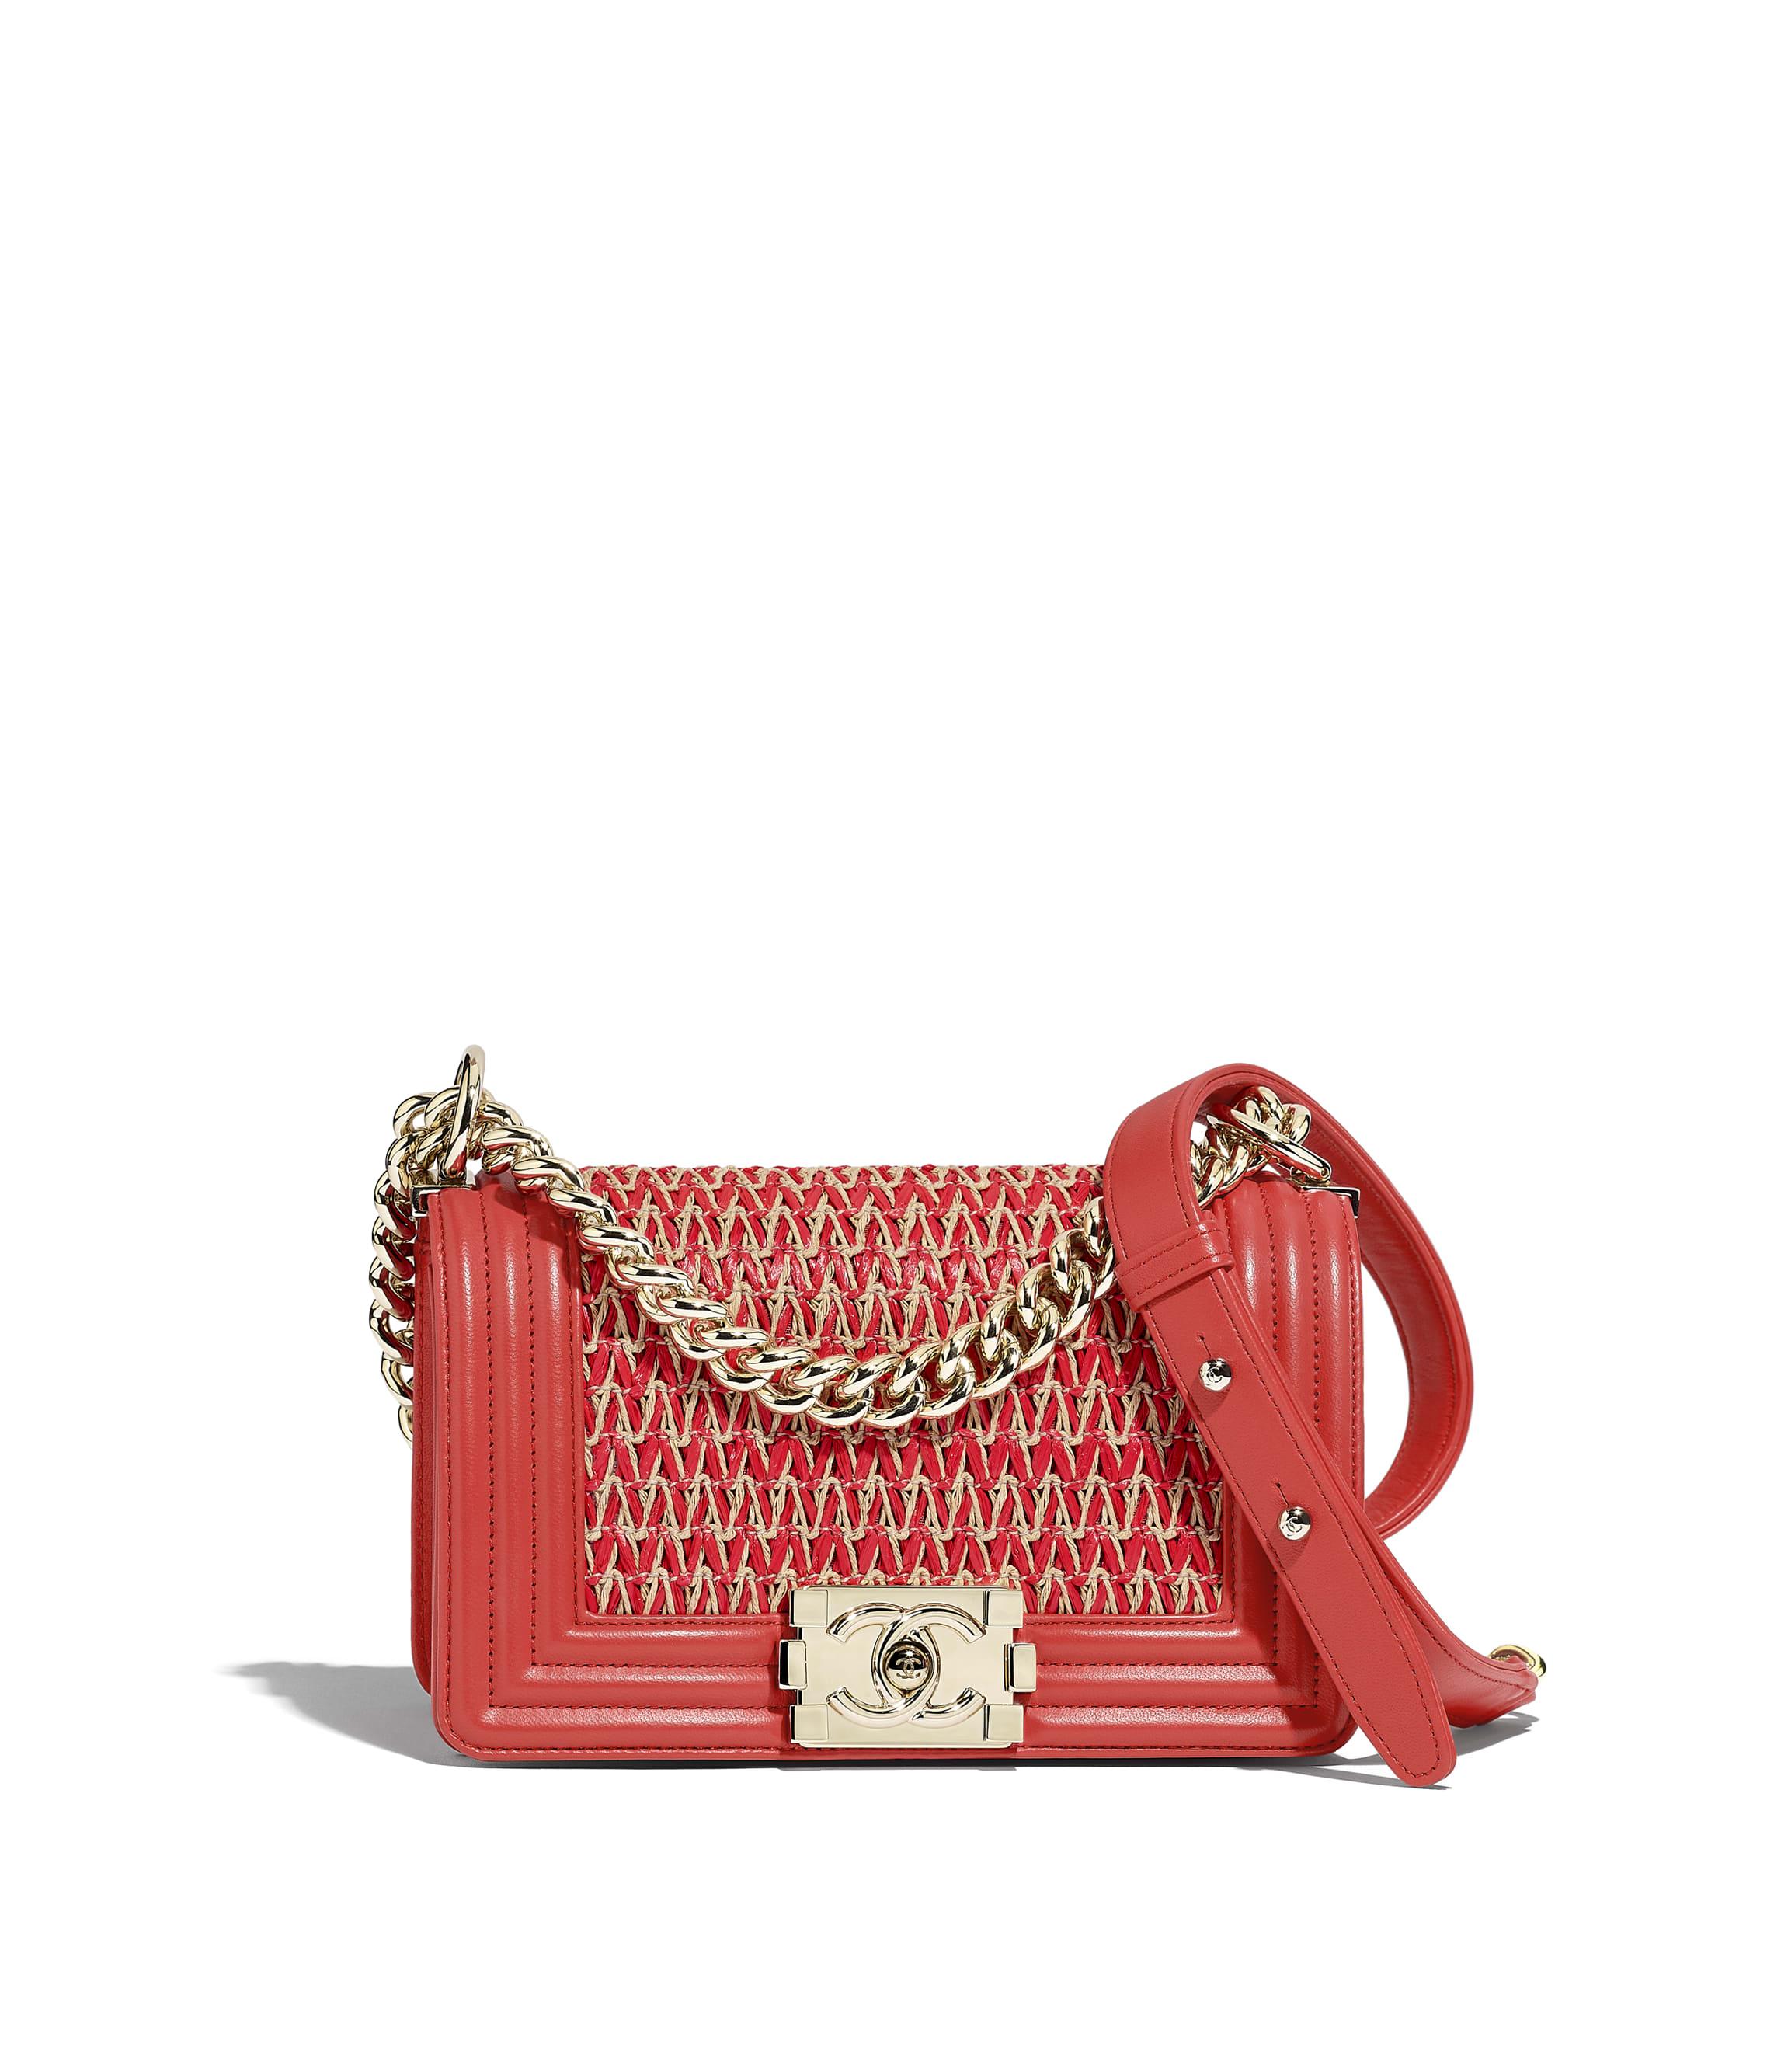 8083c65f53d6 BOY CHANEL - Handbags - CHANEL